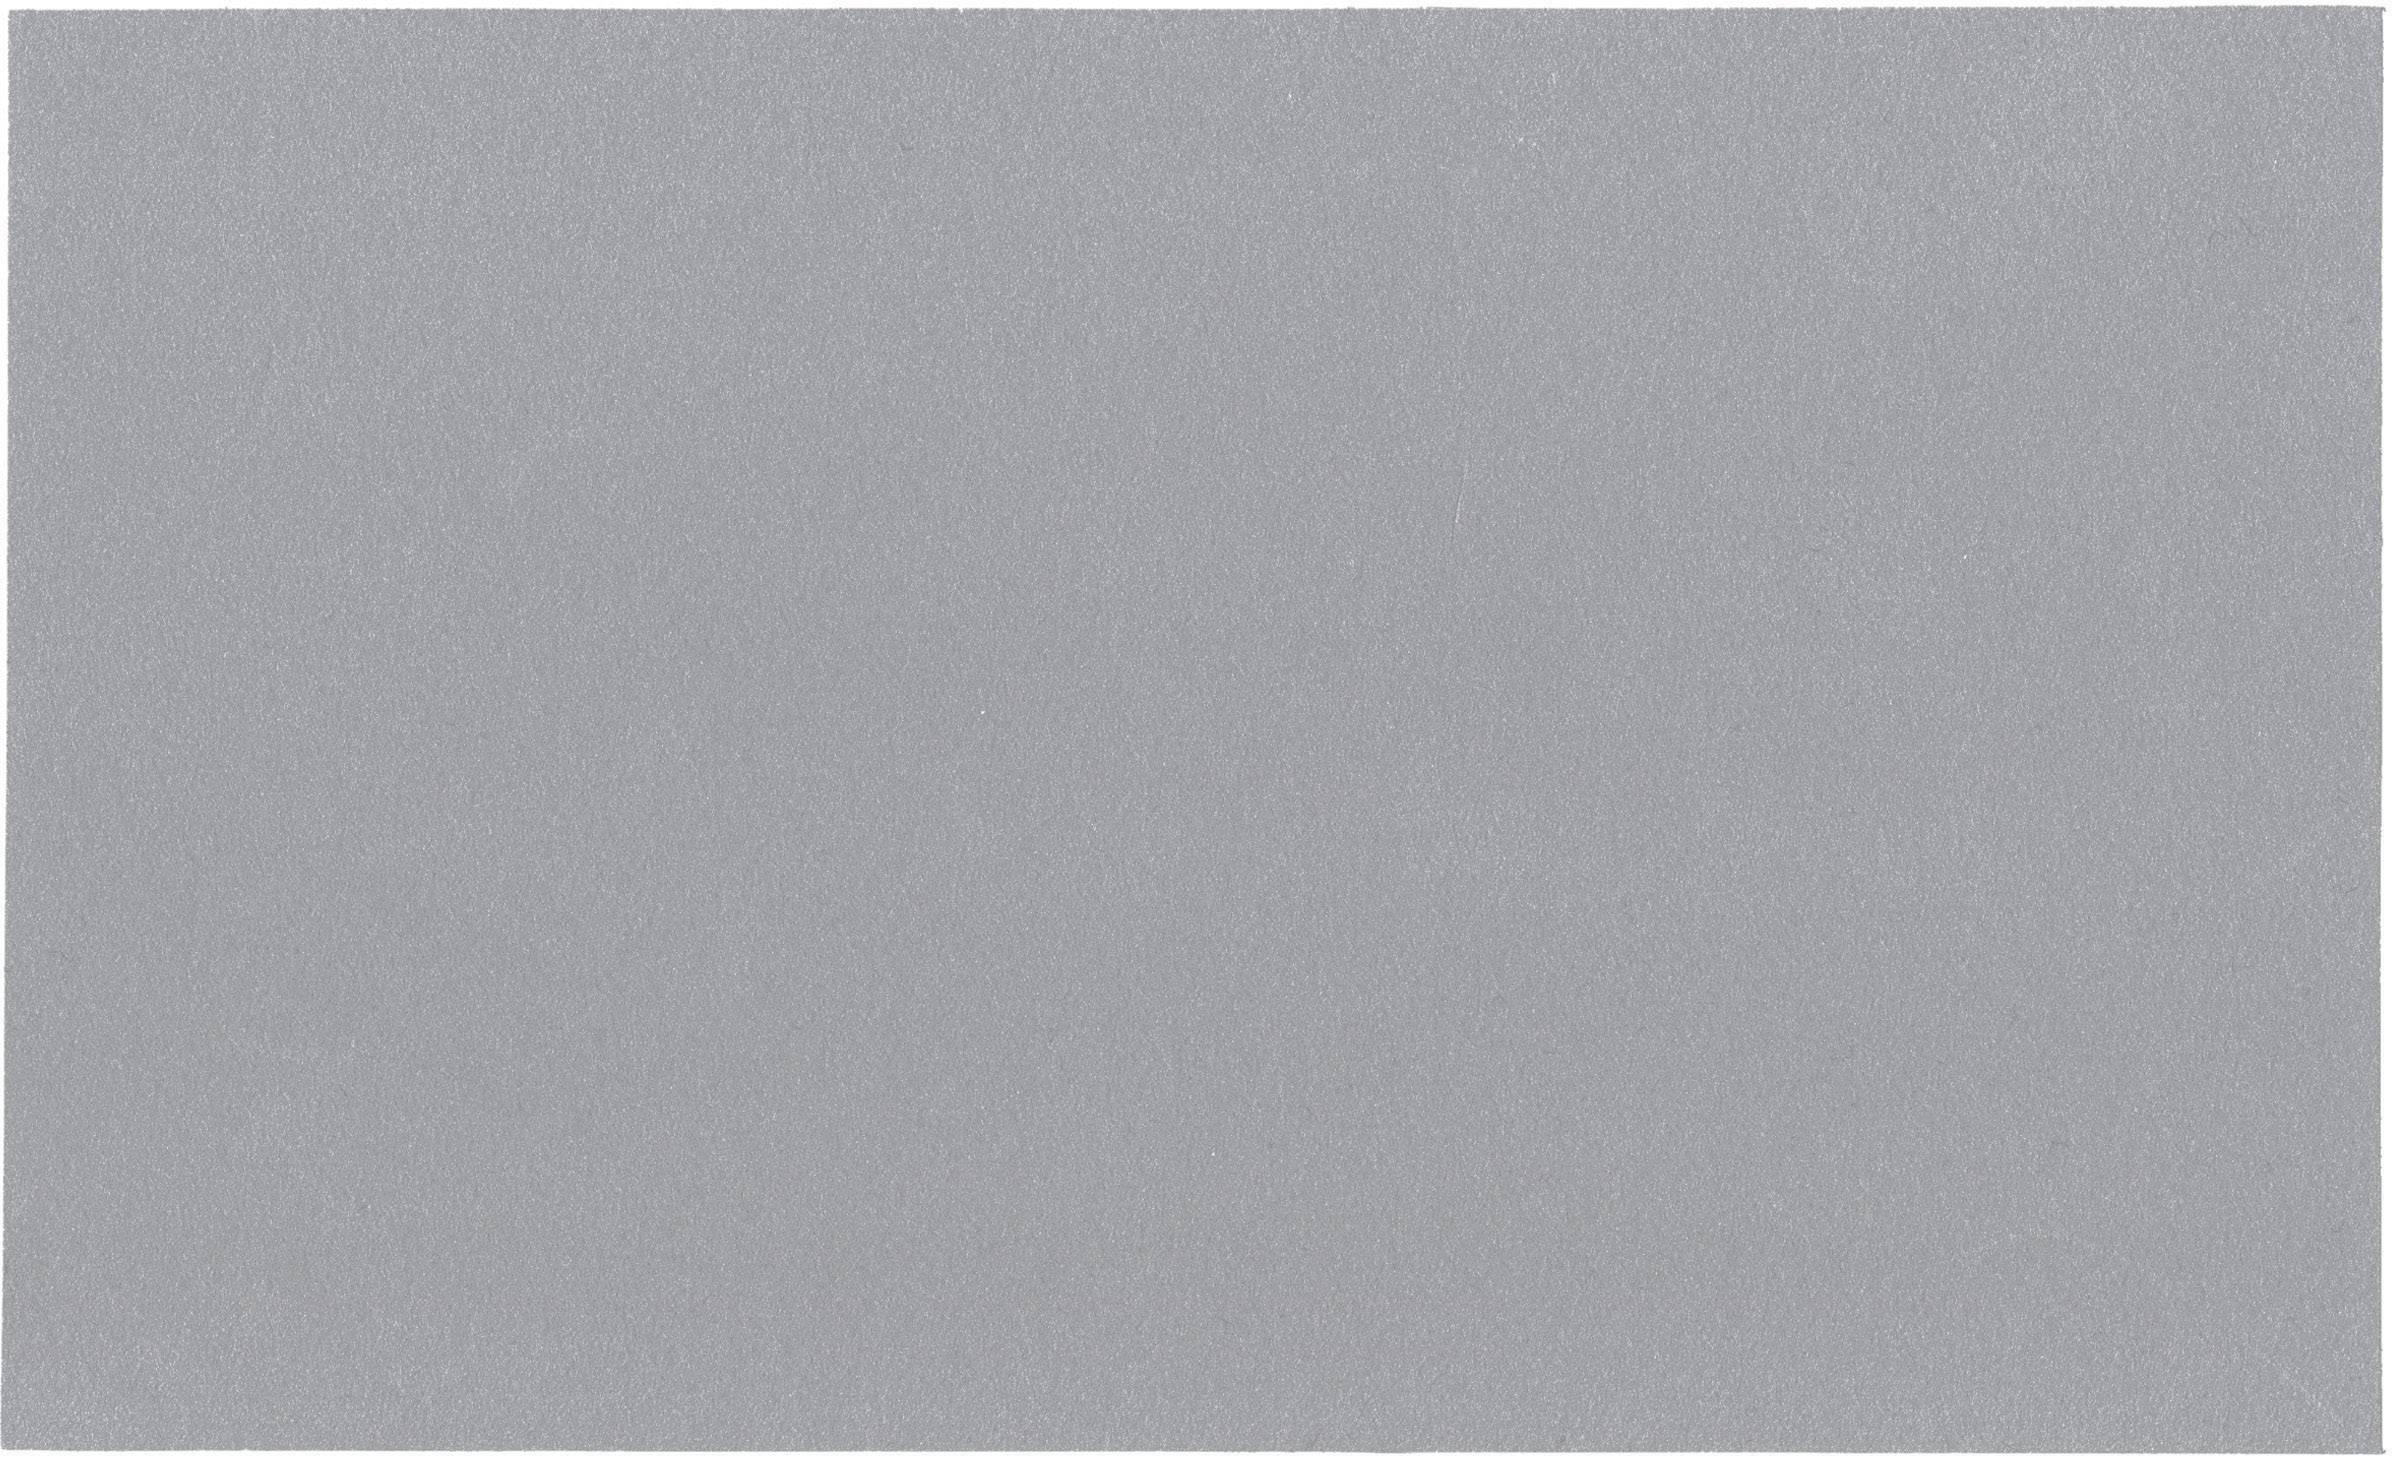 Tepelně vodivá fólie Softtherm® Kerafol 86/600, 6 W/mK, 200 x 120 x 1,5 mm